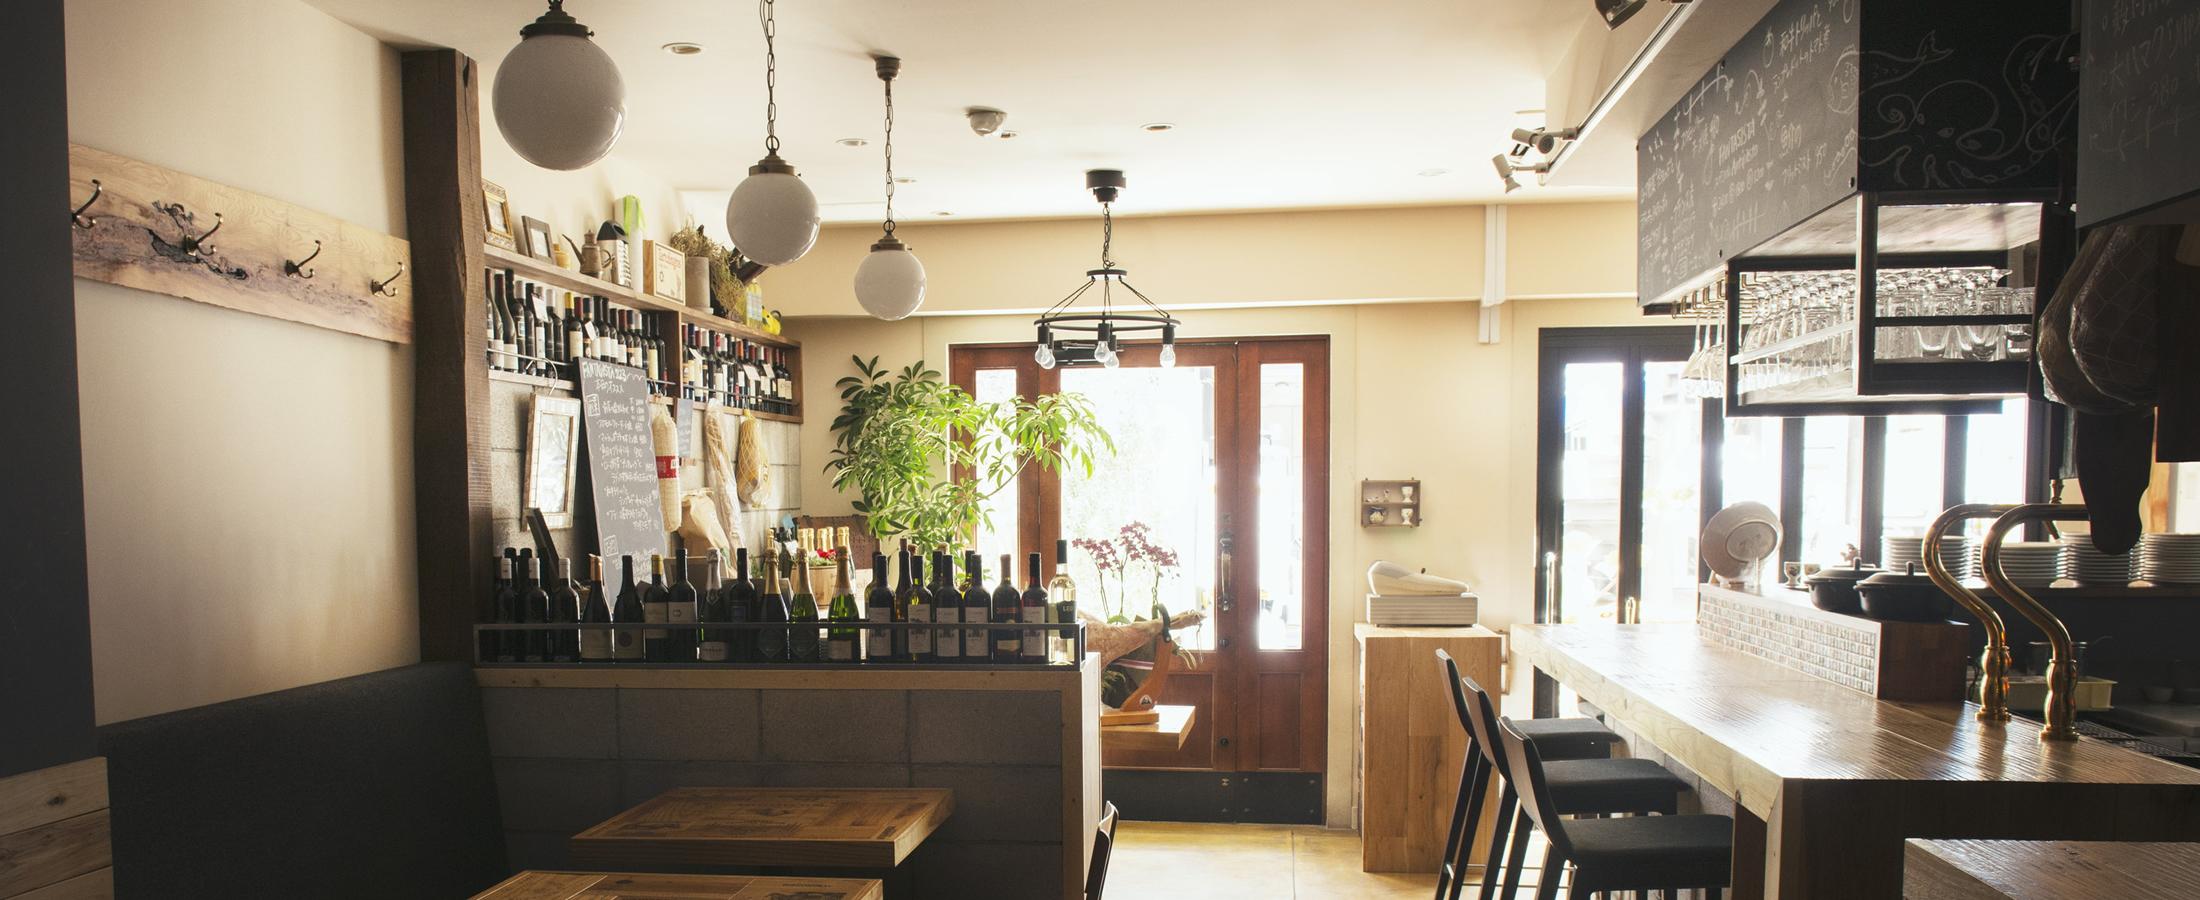 中目黒の窯焼き料理のレストランFANTASISTA223